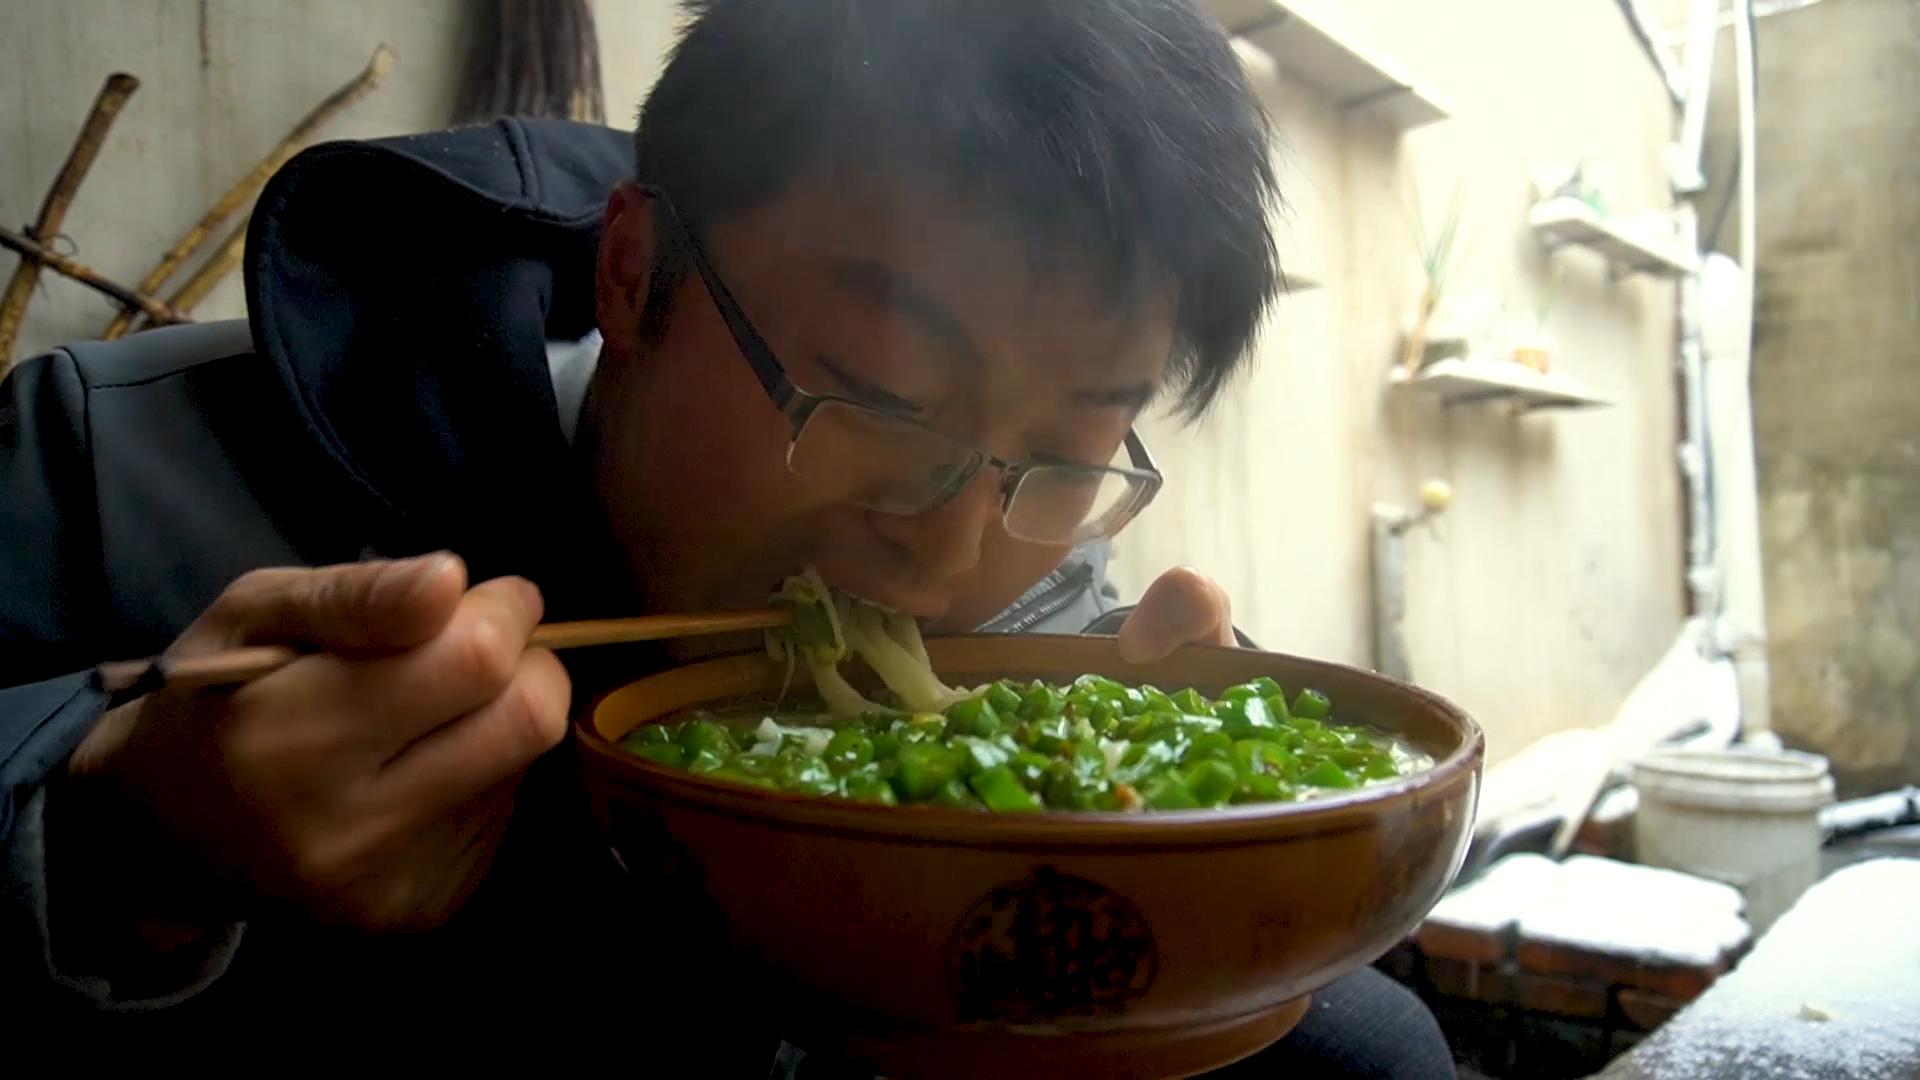 暴雪天和辣椒更配,一斤二荆条,两盆手擀面,吃饭上头,感觉真爽